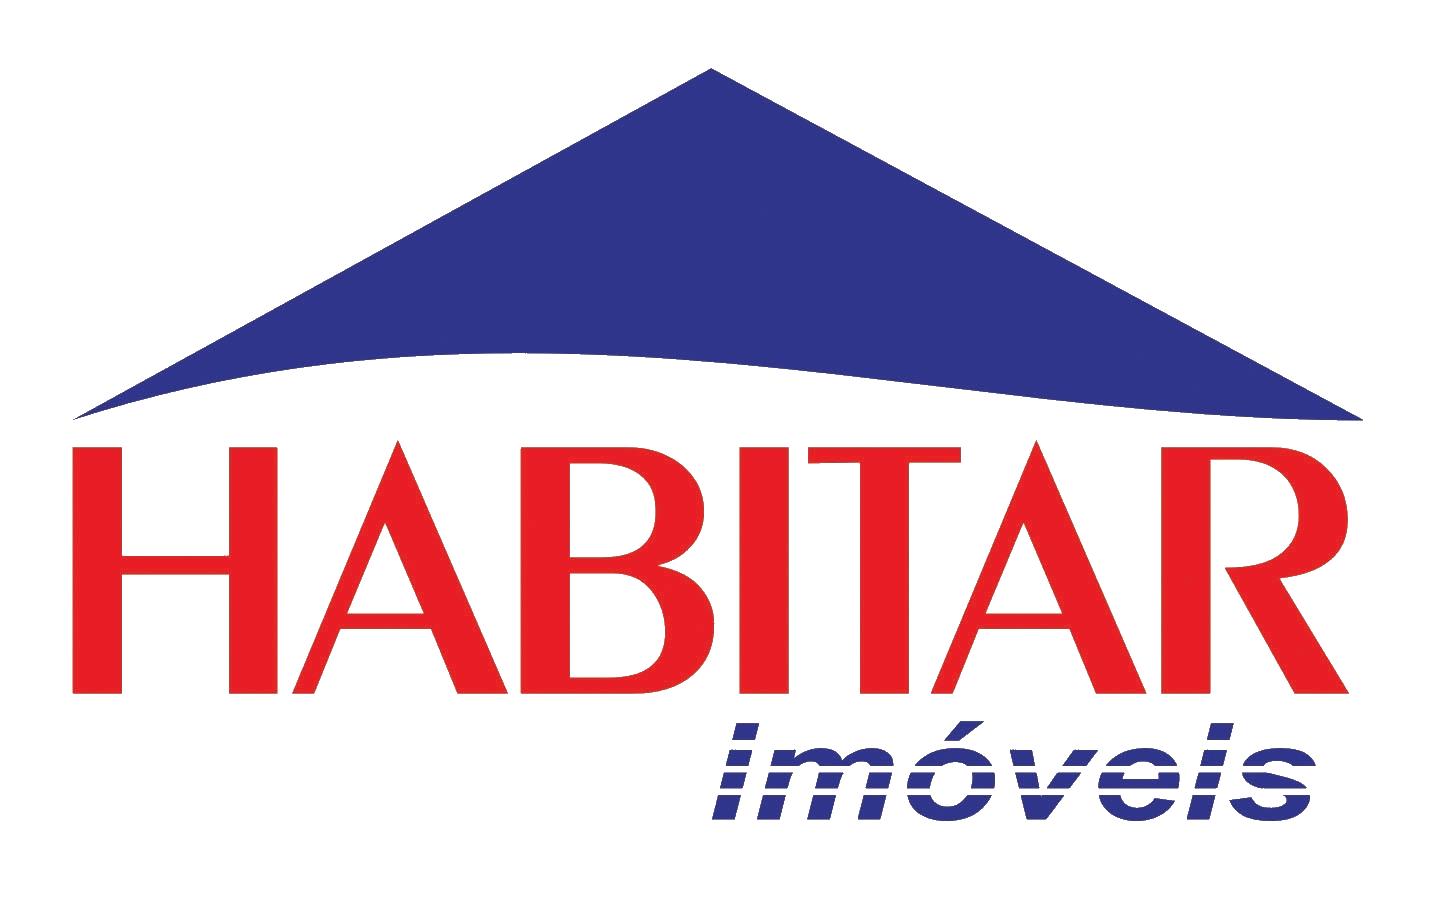 Logo Habitar negocios imobiliarios